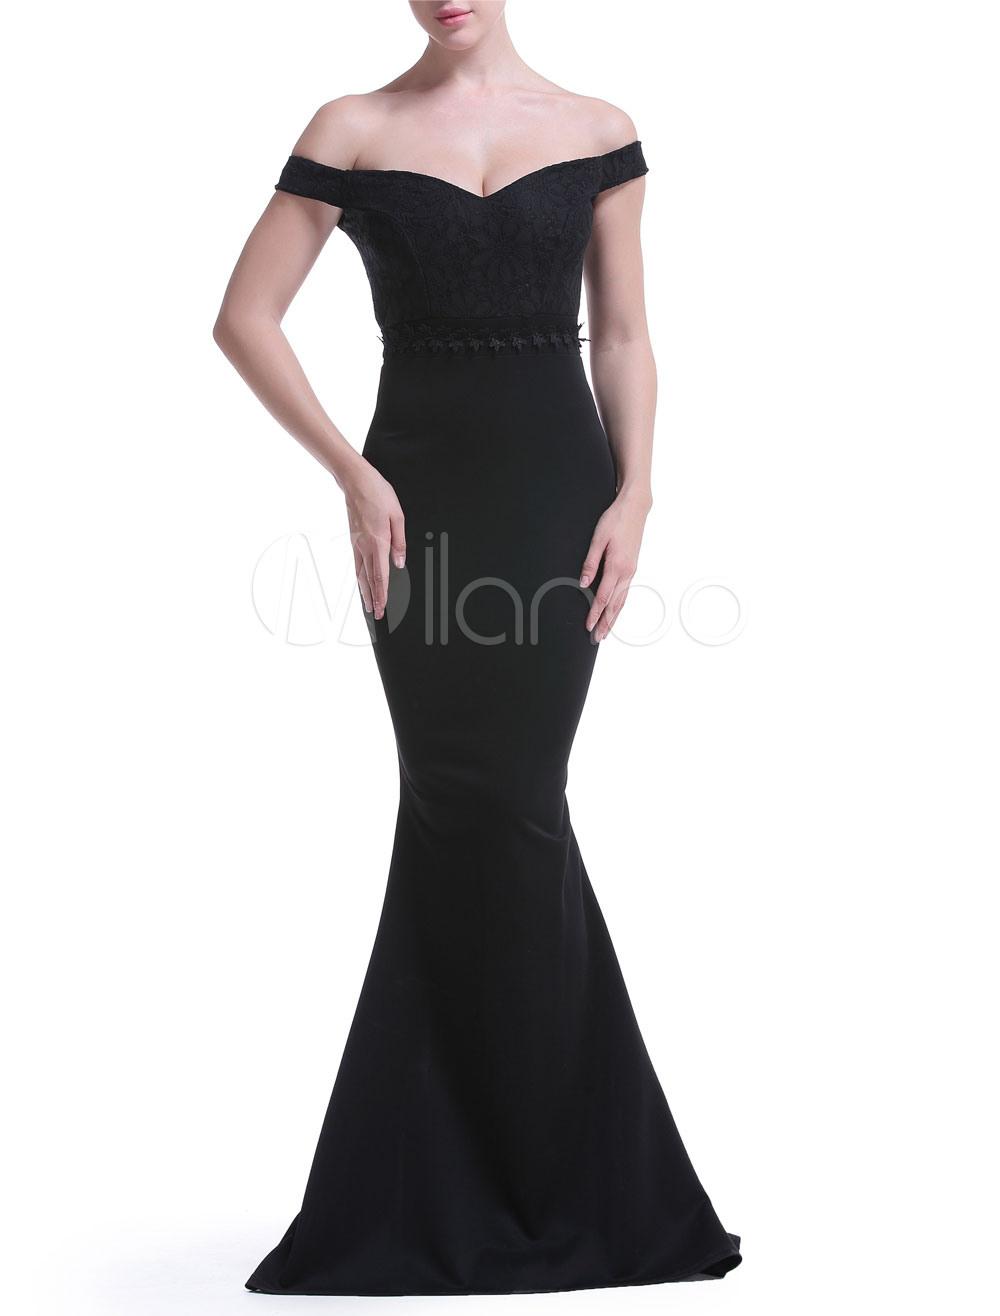 Coolste Abendkleid Carmen Ausschnitt Lang Spezialgebiet Leicht Abendkleid Carmen Ausschnitt Lang Design